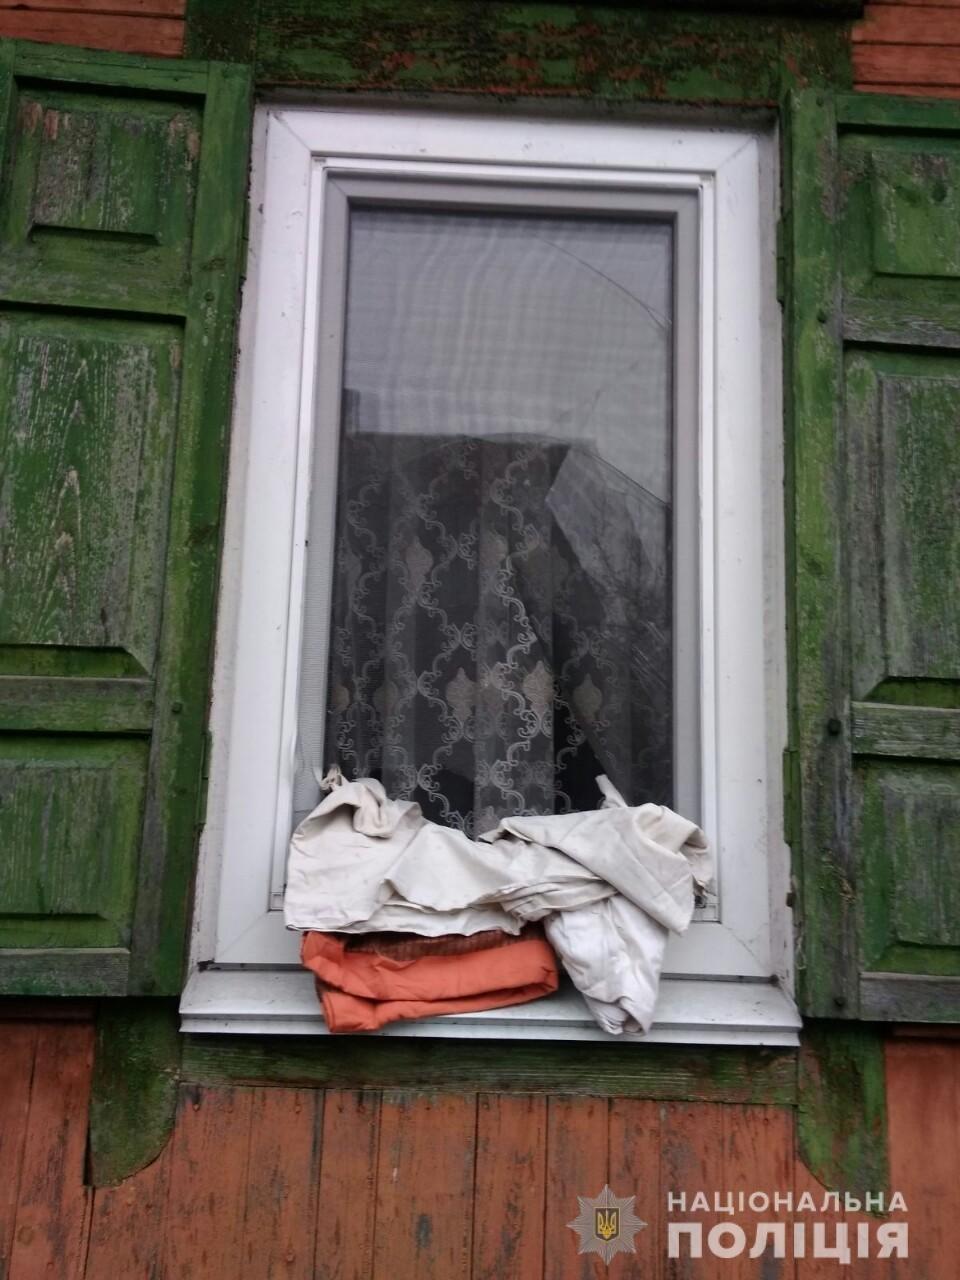 Ни смотря ни на что: на Черниговщине полицейский охраны задержал ранившего его ножом мужчину, фото-3